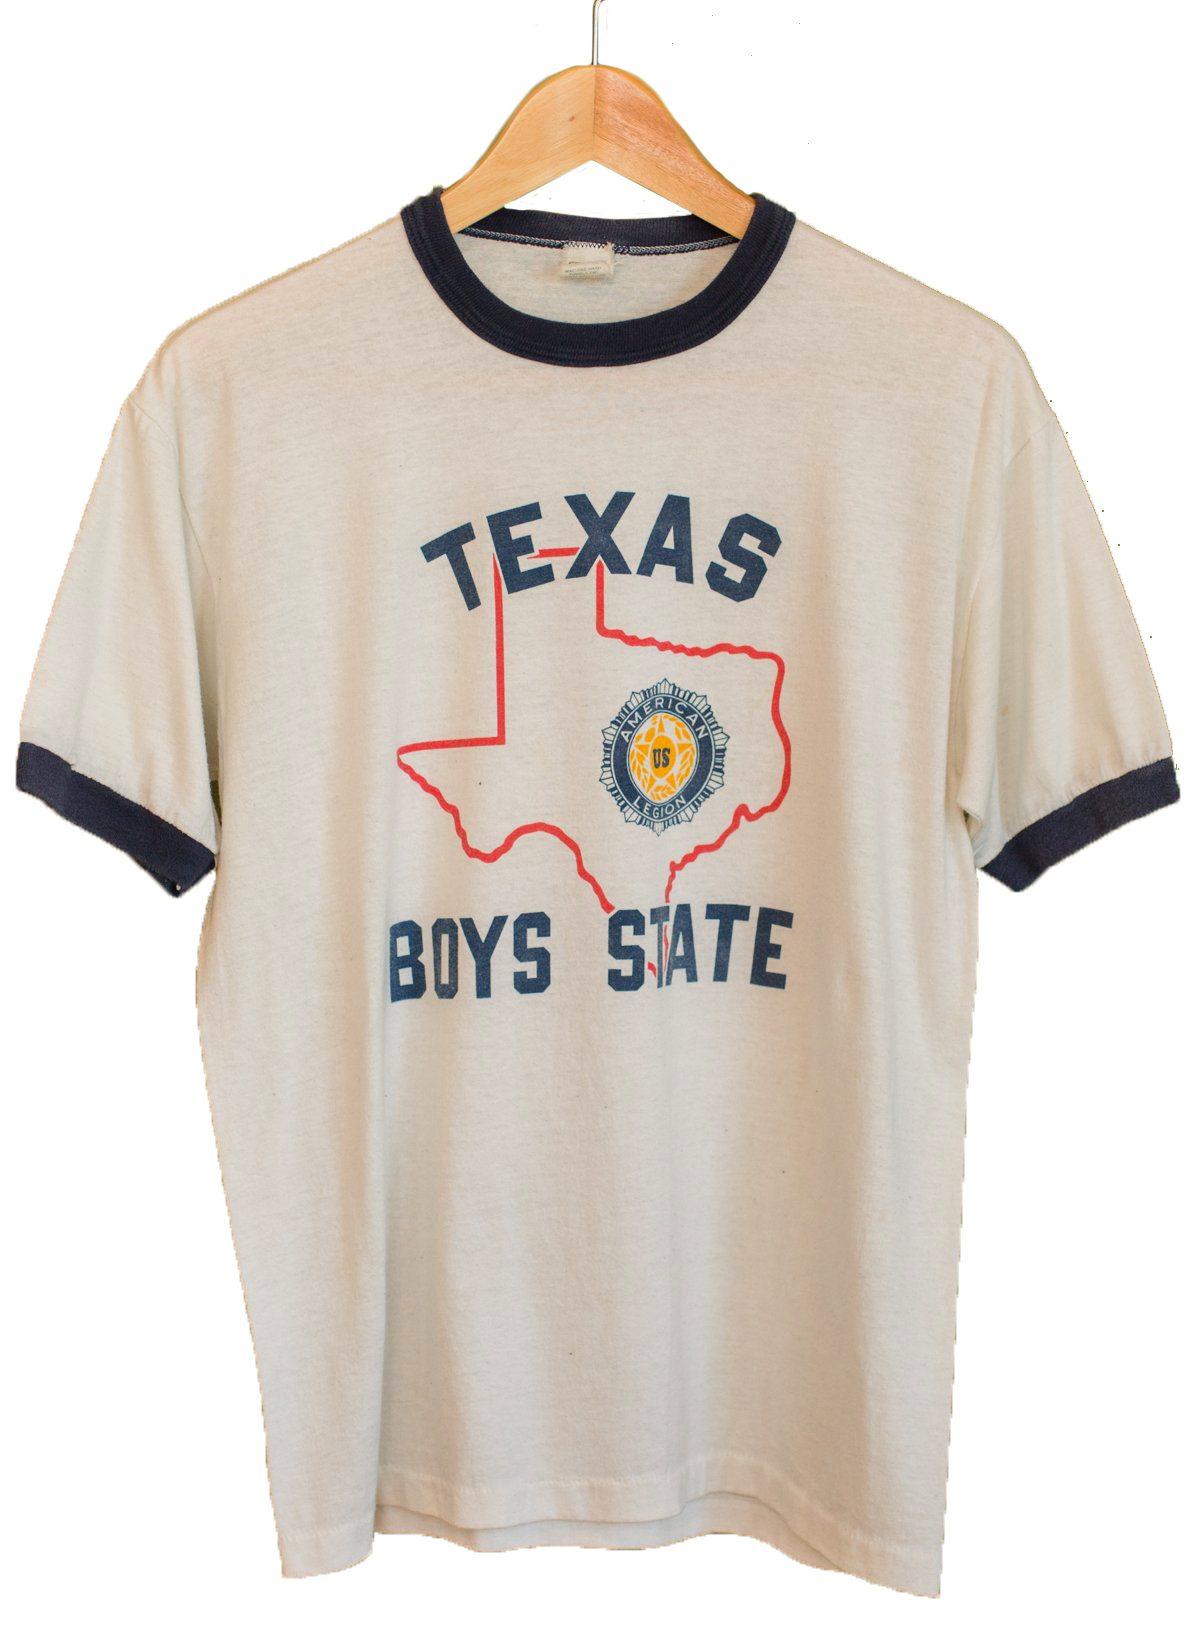 Bs Tshirt Copy